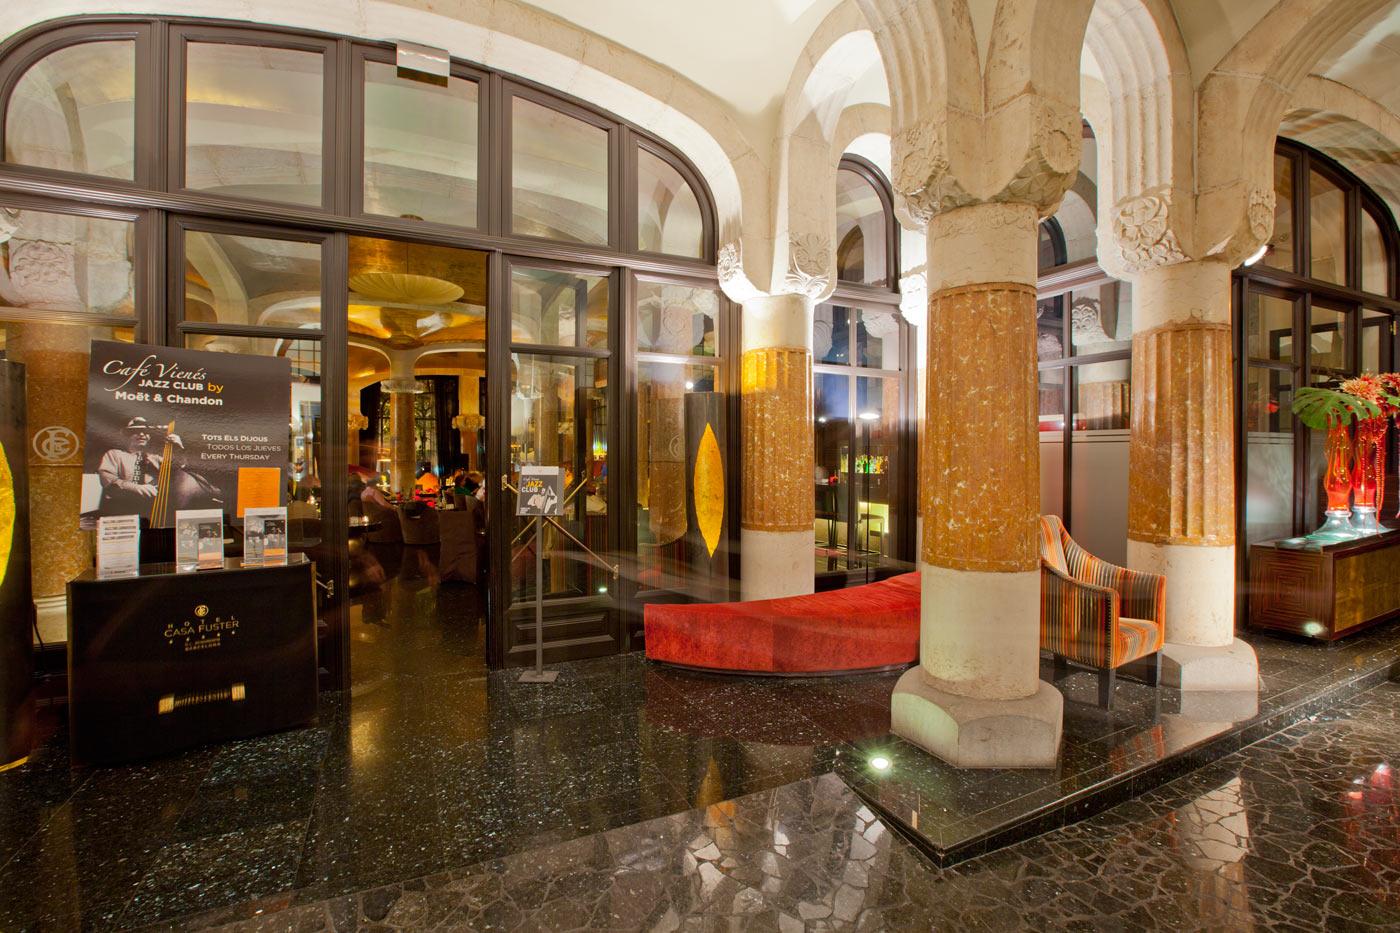 Disfrute del mejor jazz en el salón del Café Vienés 1